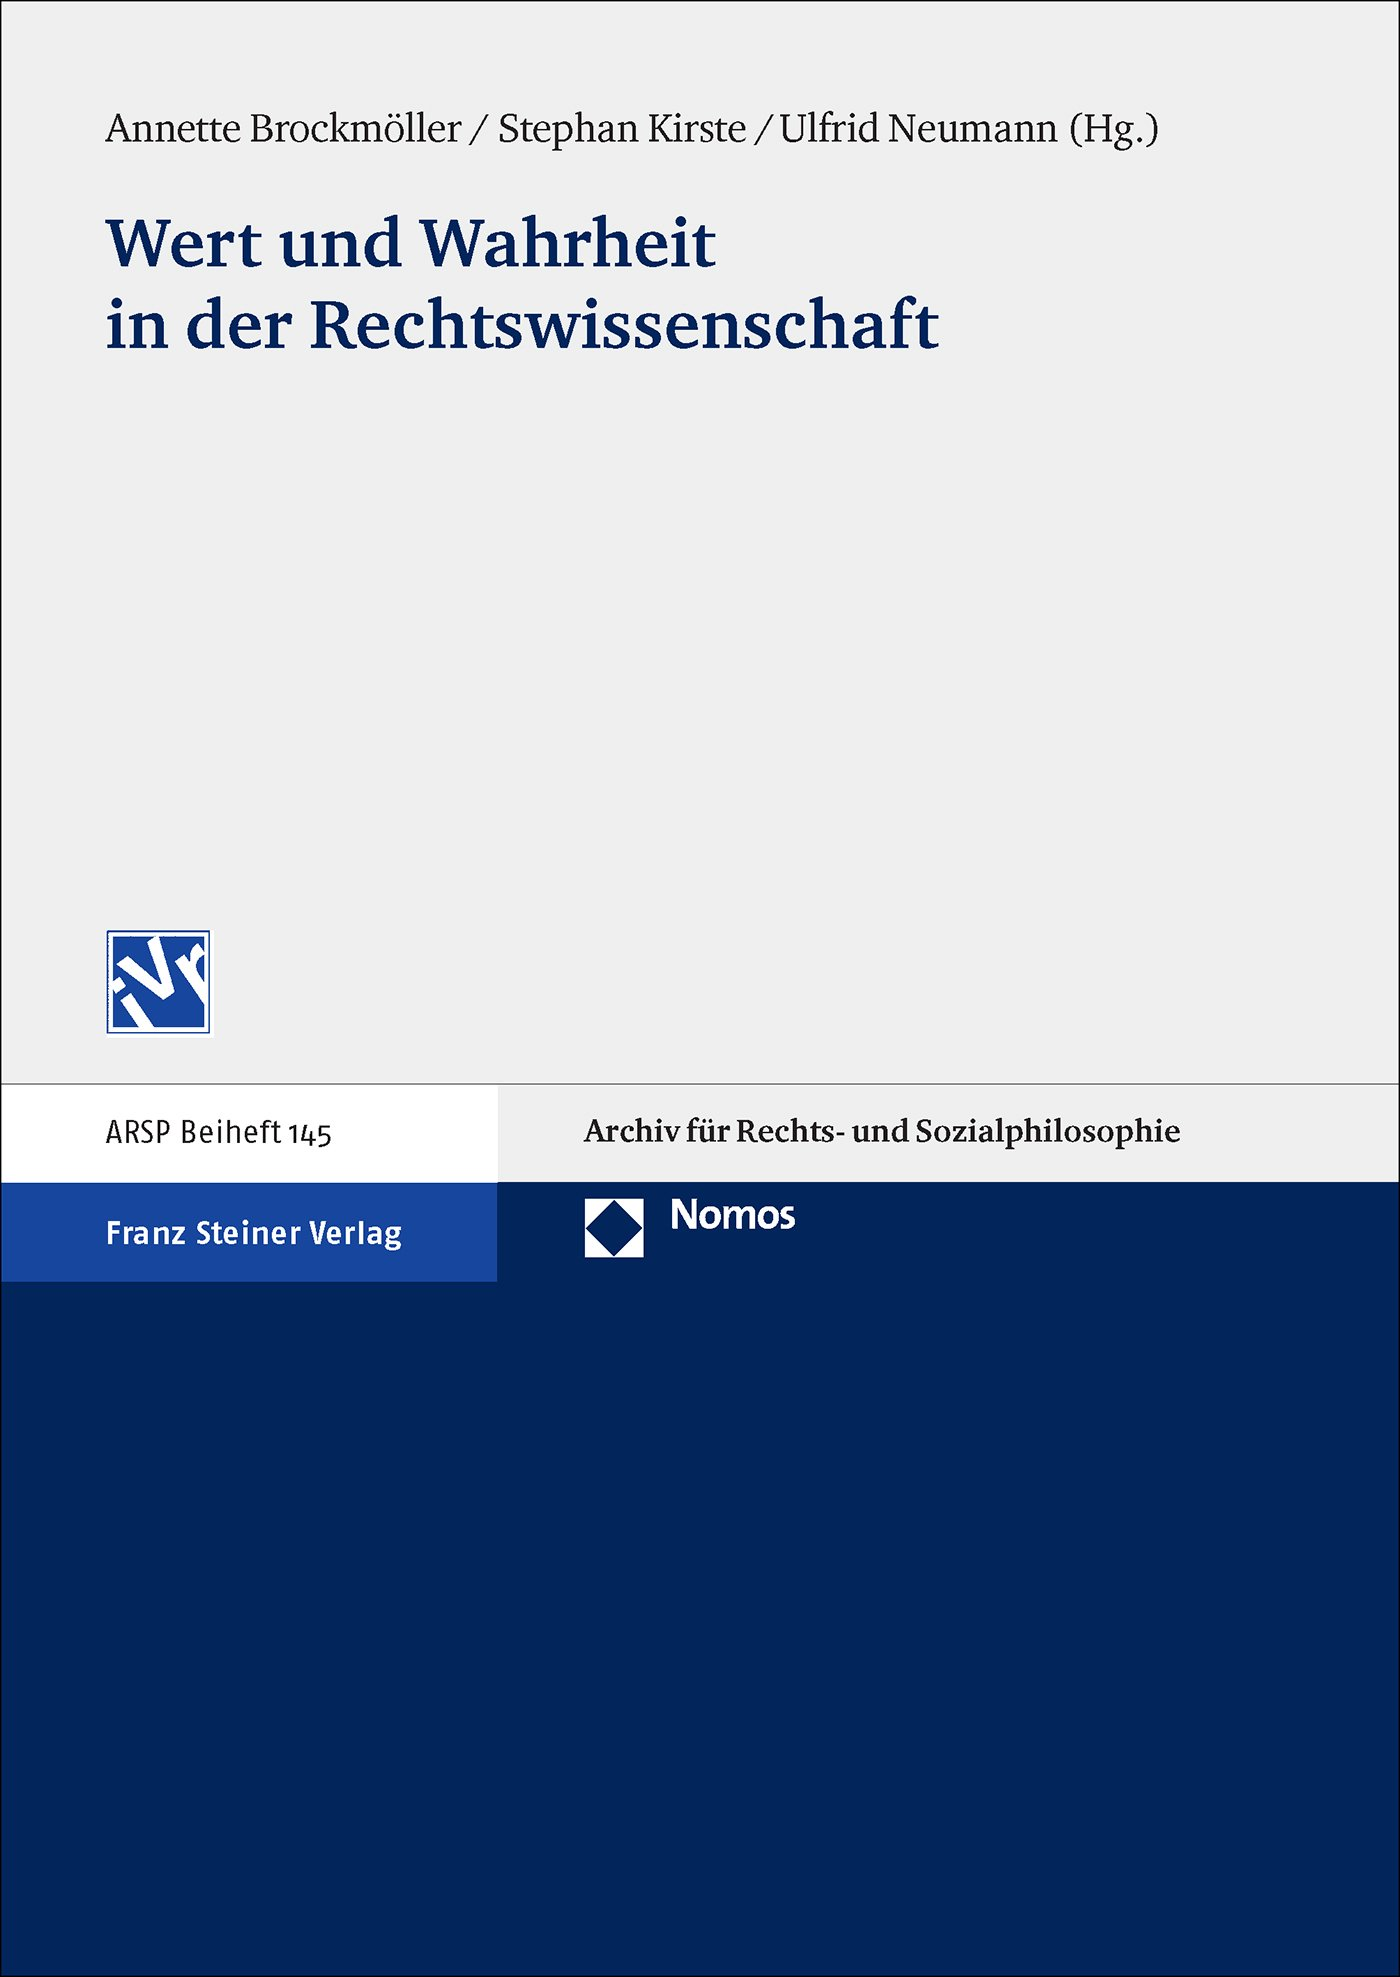 Wert-und-Wahrheit-in-der-Rechtswissenschaft-Annette-Brockmoeller